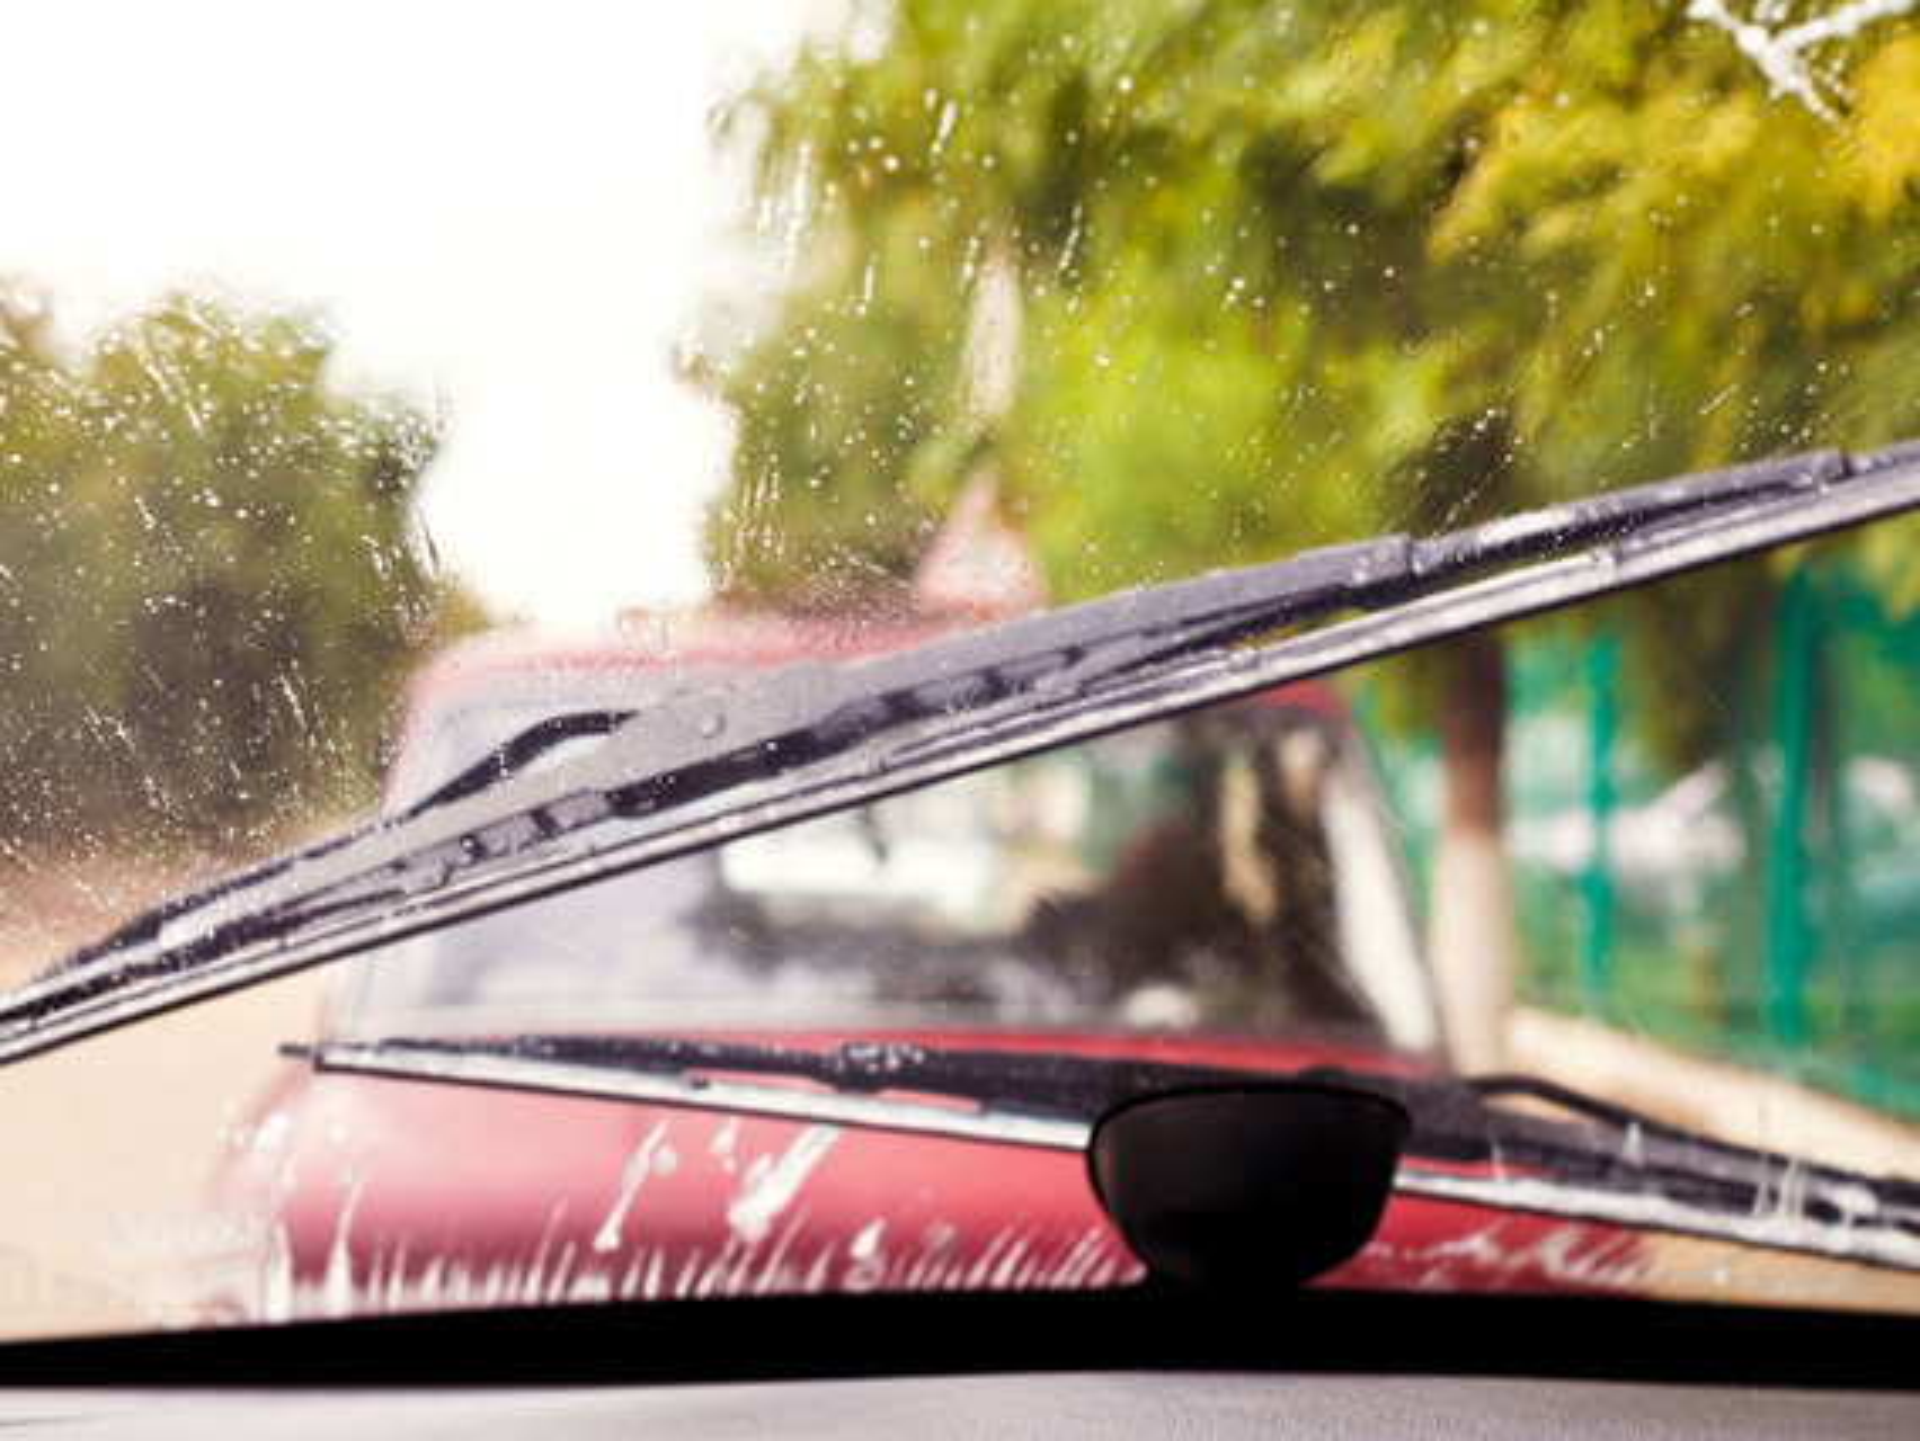 Щетки стеклоочистителя ВАЗ-2110 работают только на первой скорости